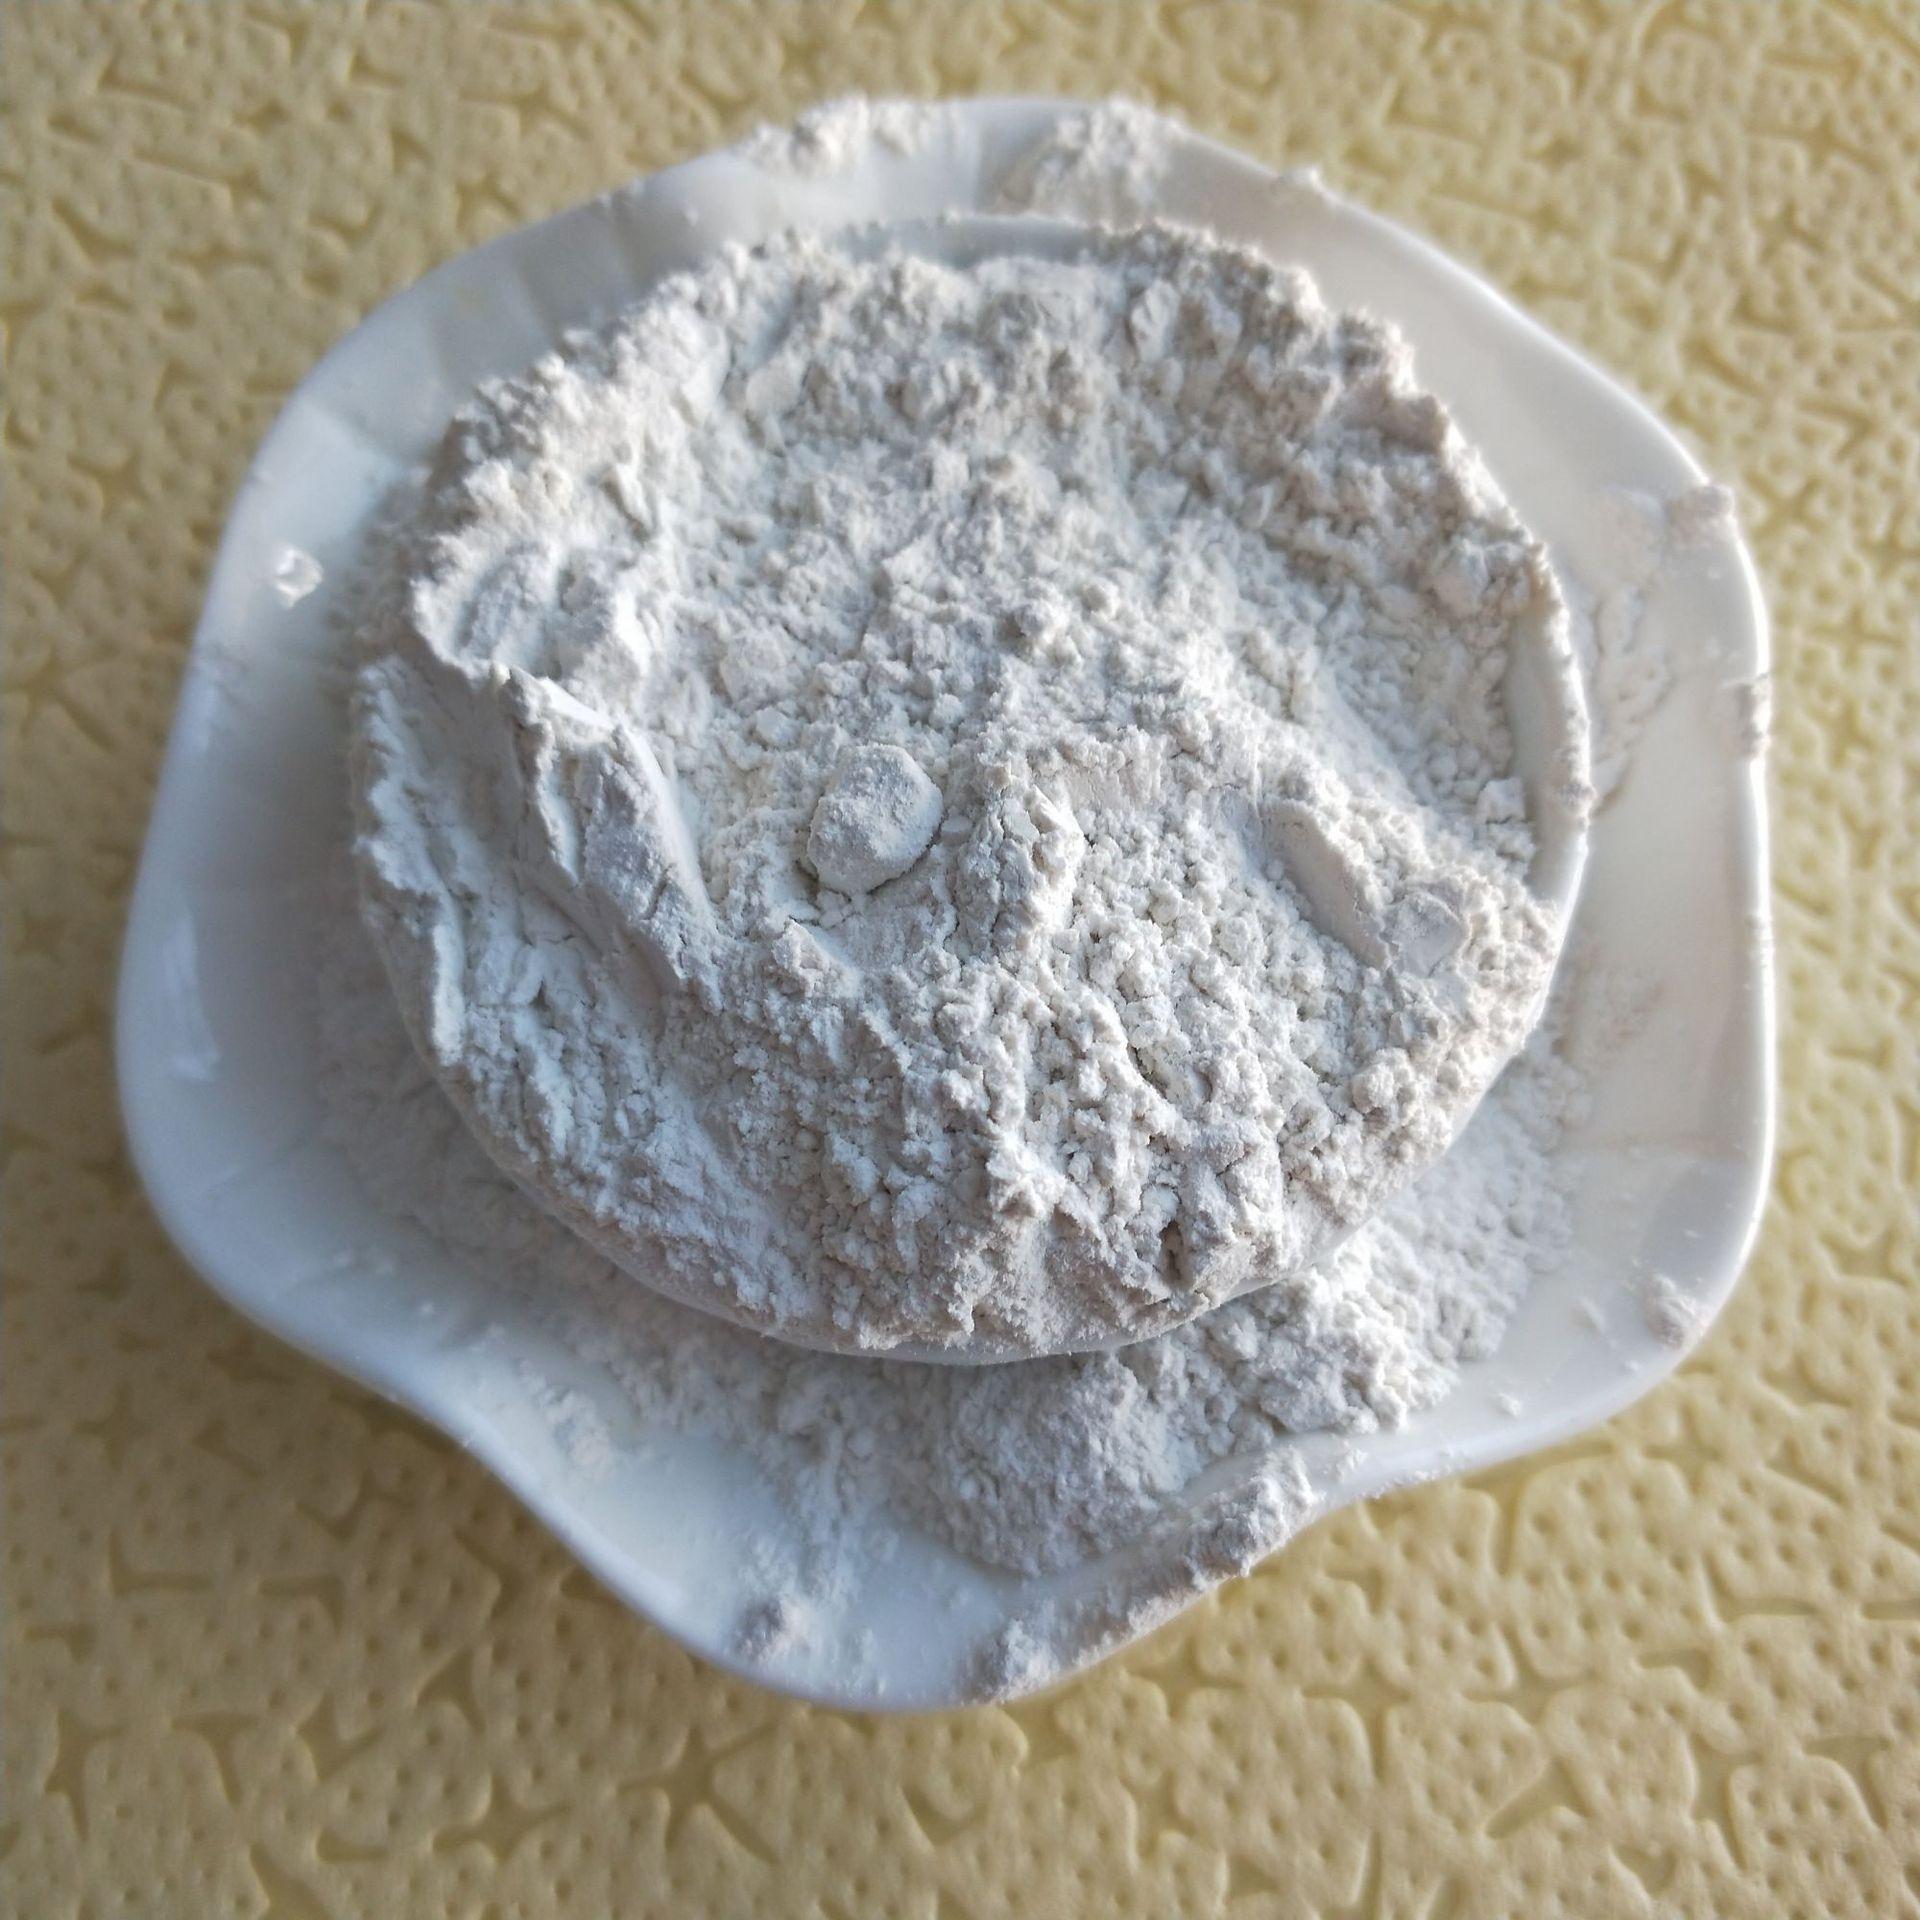 Ôxít Nhà máy cung cấp trực tiếp oxit đất hiếm